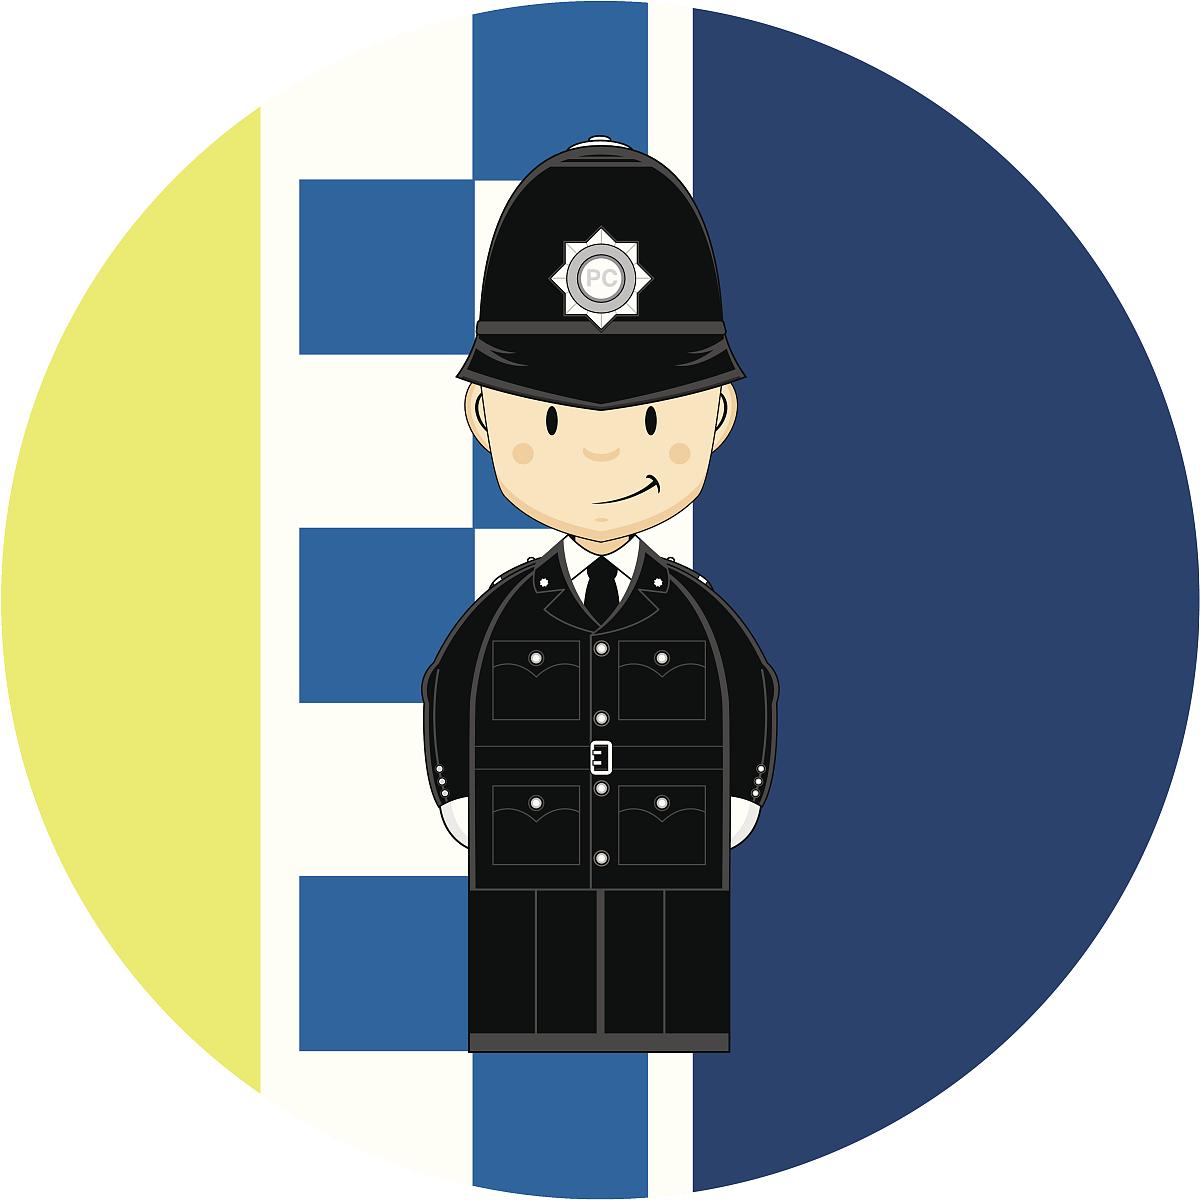 警官�y�-��+_制服,帽子,领带,微笑,头盔,警官,铜,英国文化,英国文化,头饰,法律